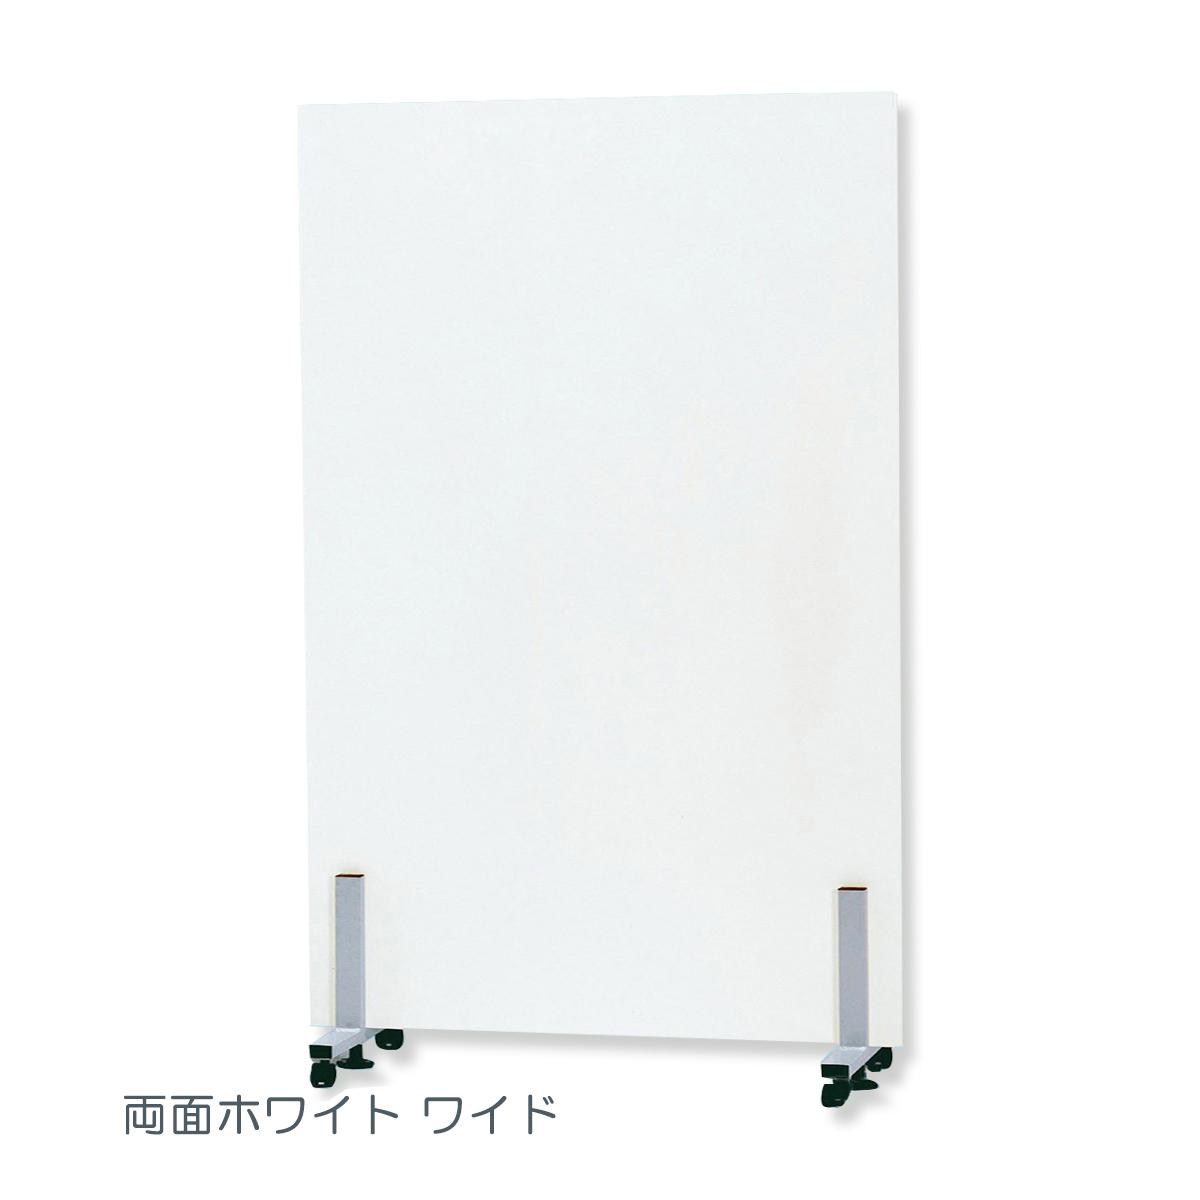 <お取り寄せ品※代引きキャンセル不可> 簡易式連結展示板 RT型 幅1